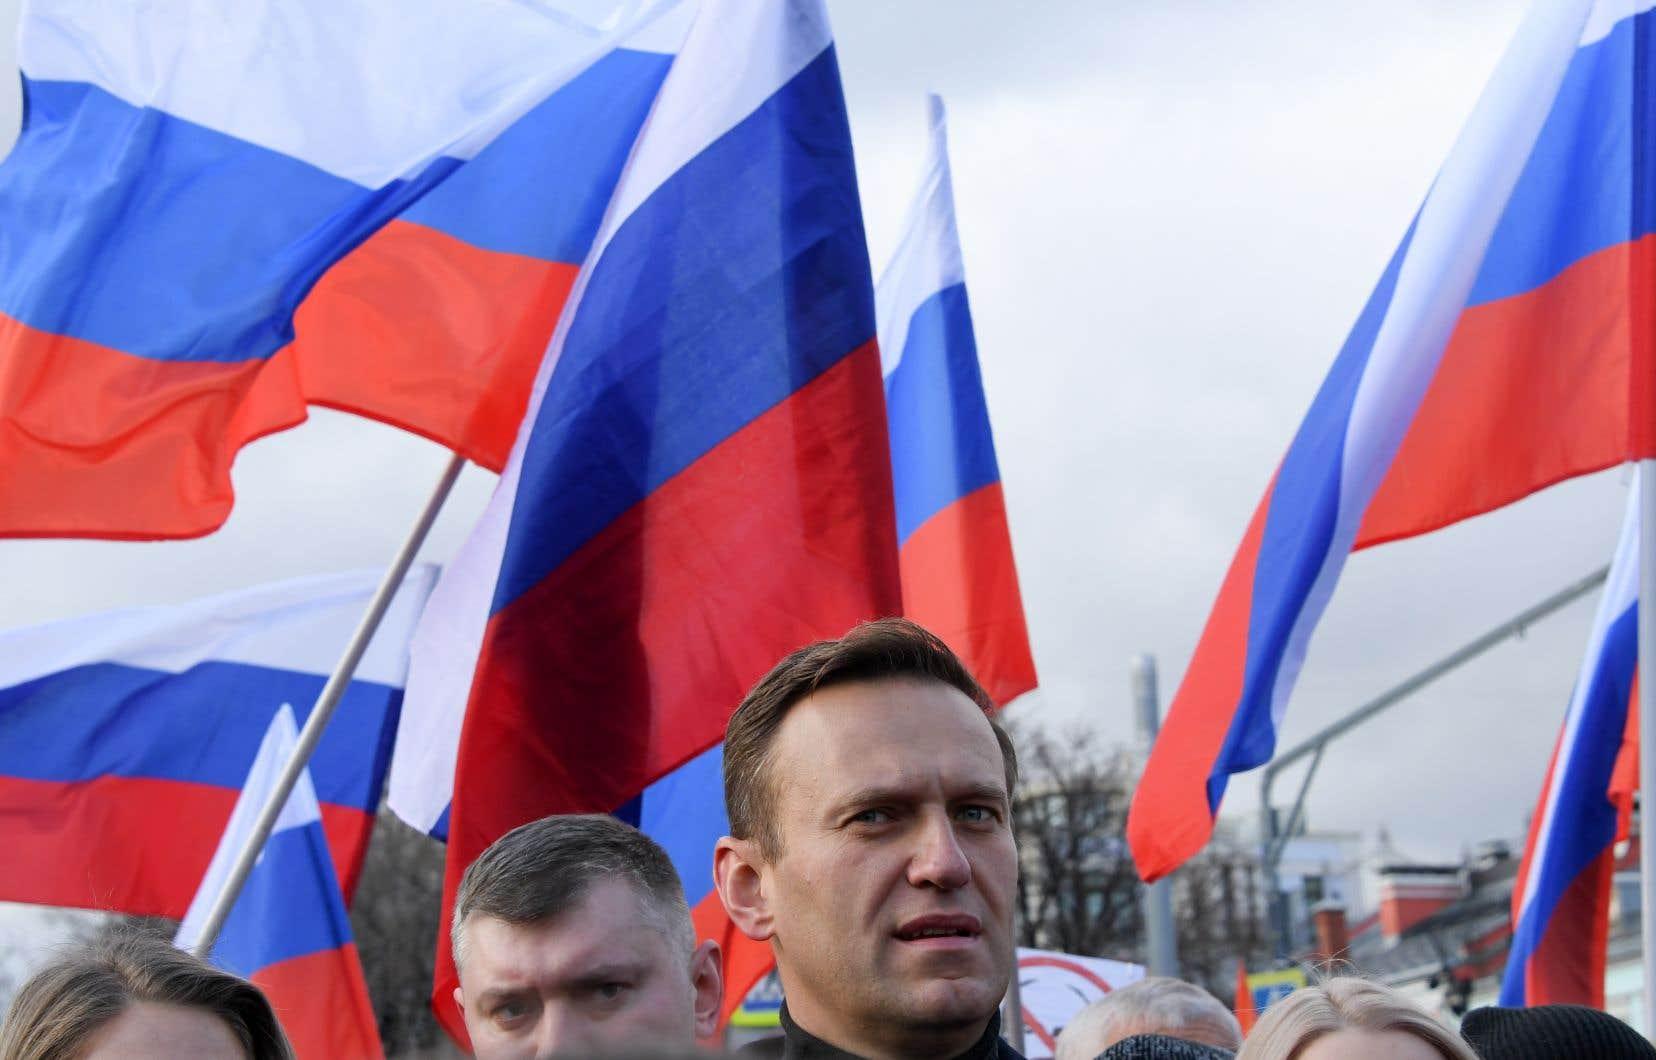 Selon Berlin, l'opposant russe Alexeï Navalny a été victime d'une attaque utilisant un agent neurotoxique de type Novitchok.